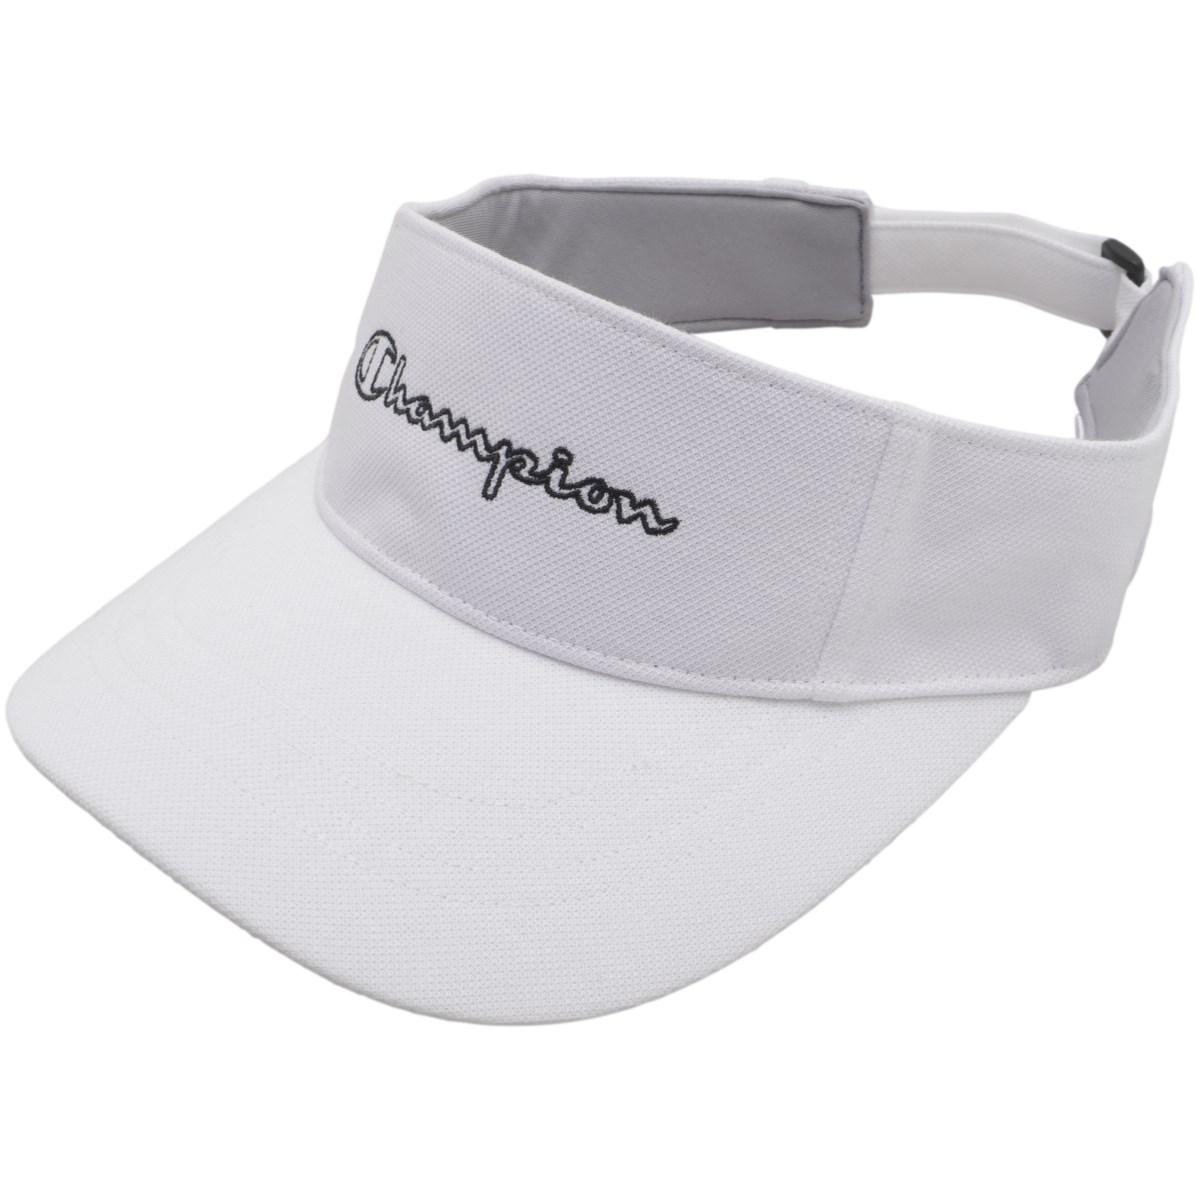 チャンピオンゴルフ Champion GOLF サンバイザー フリー ホワイト 010 レディス